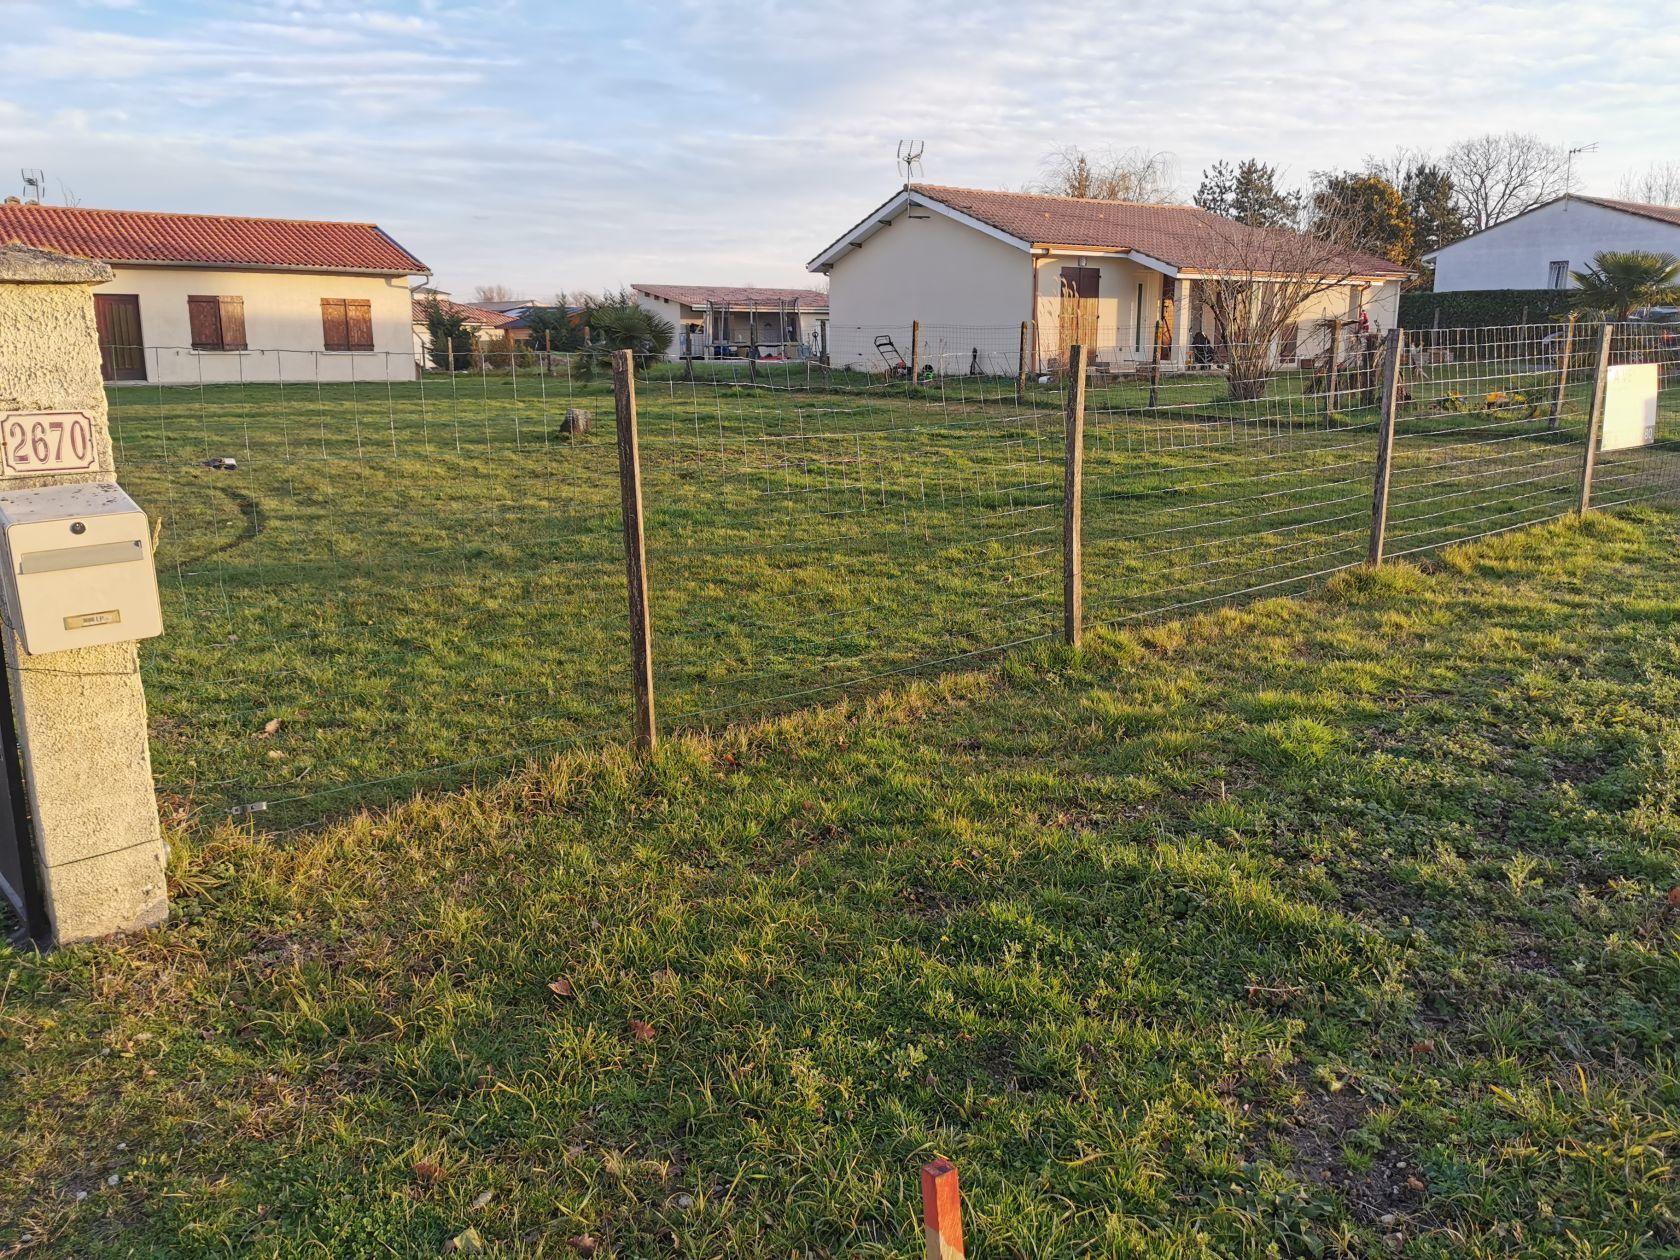 Terrains du constructeur MAISONS IDEOZ 33 • 500 m² • LA LANDE DE FRONSAC